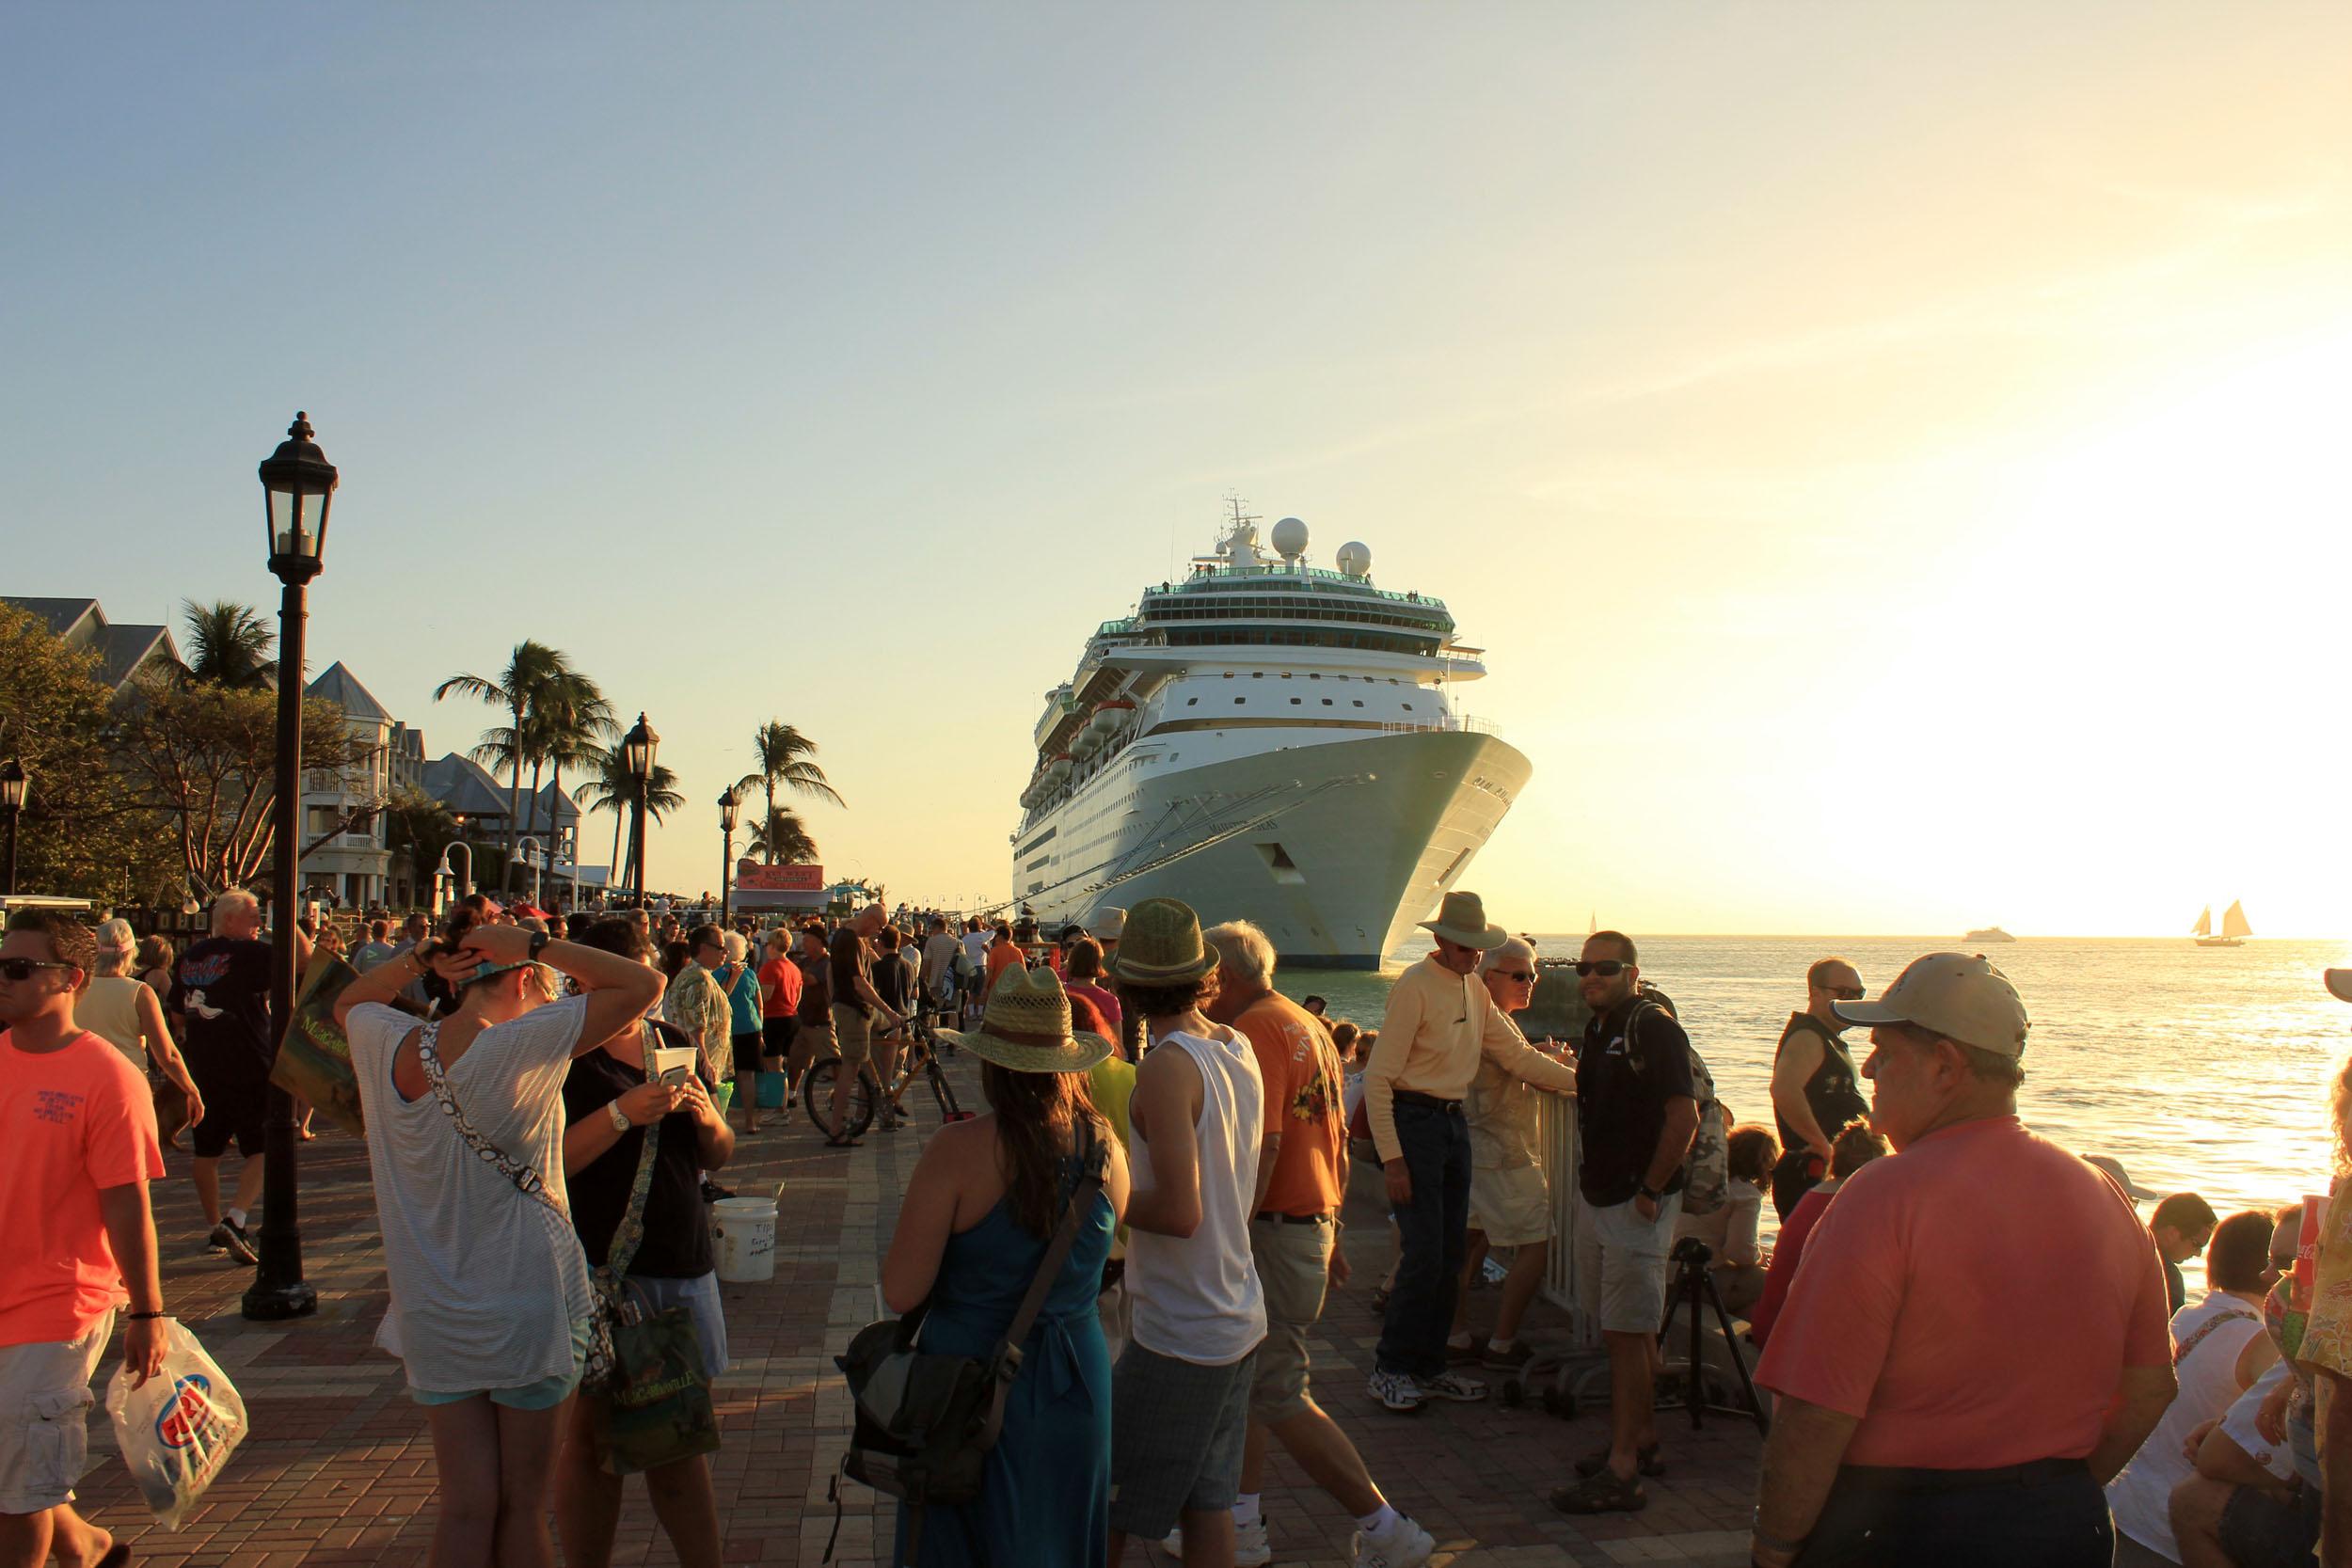 Гайд: регистрация на круиз в порту и посадка на лайнер.